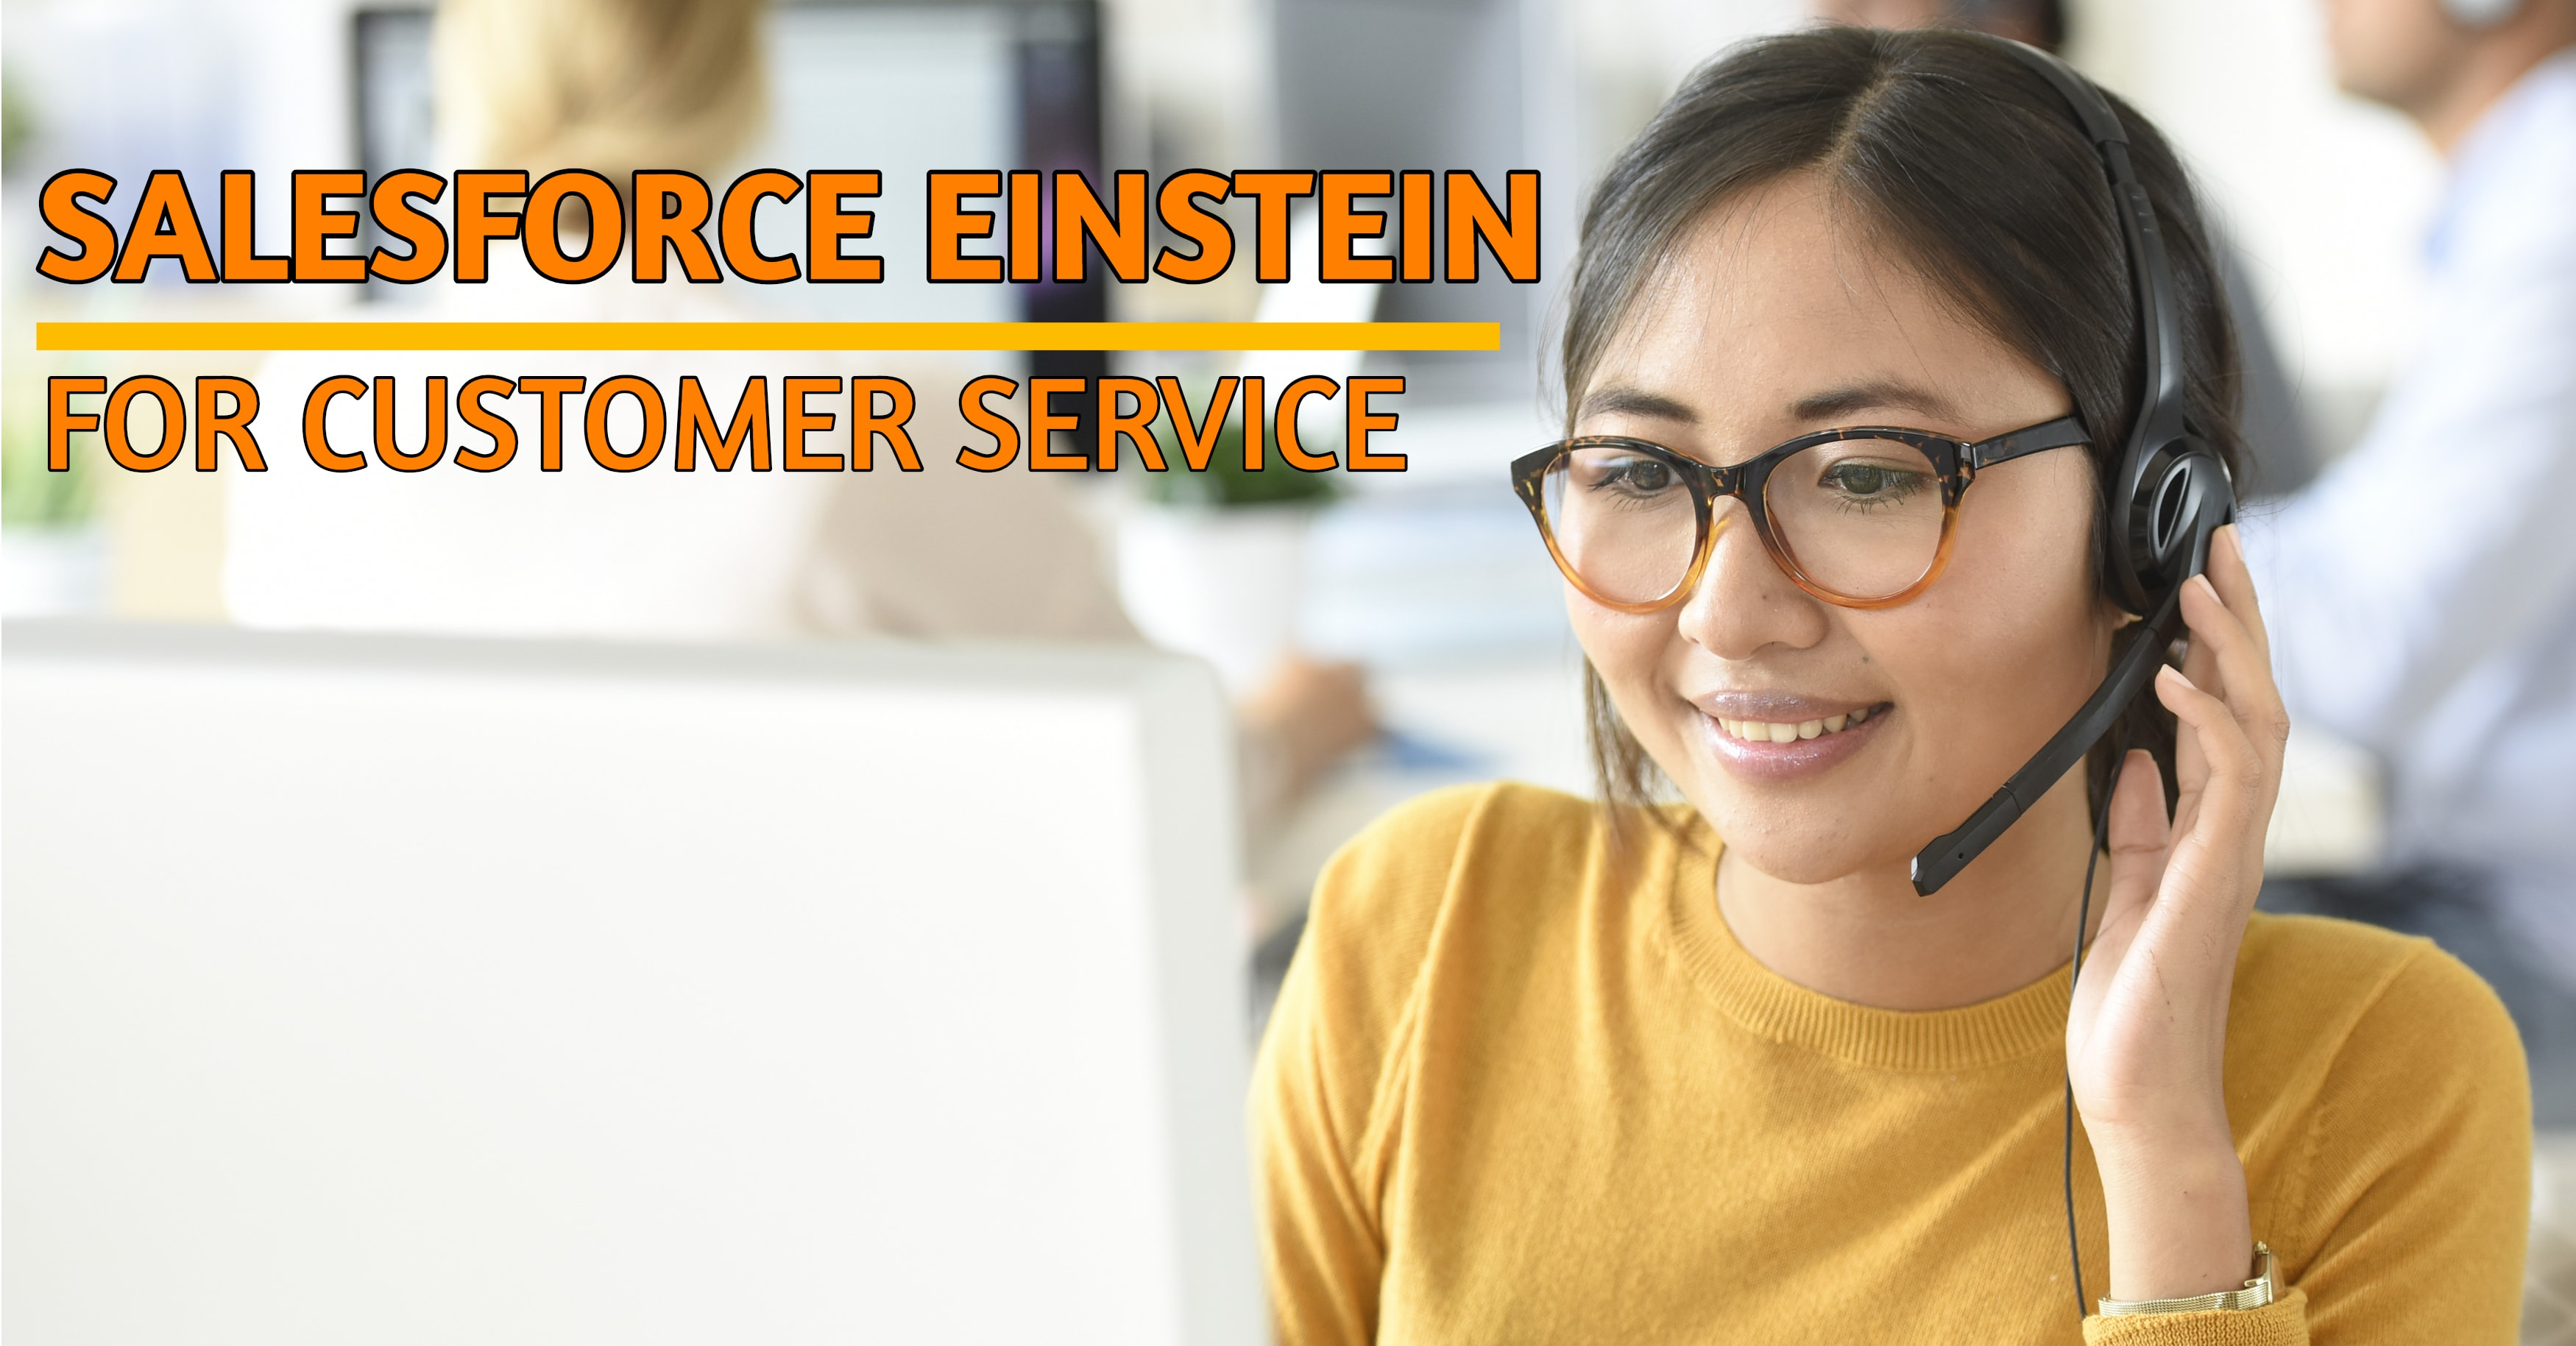 Salesforce Einstein Debuts Customer Service Tools